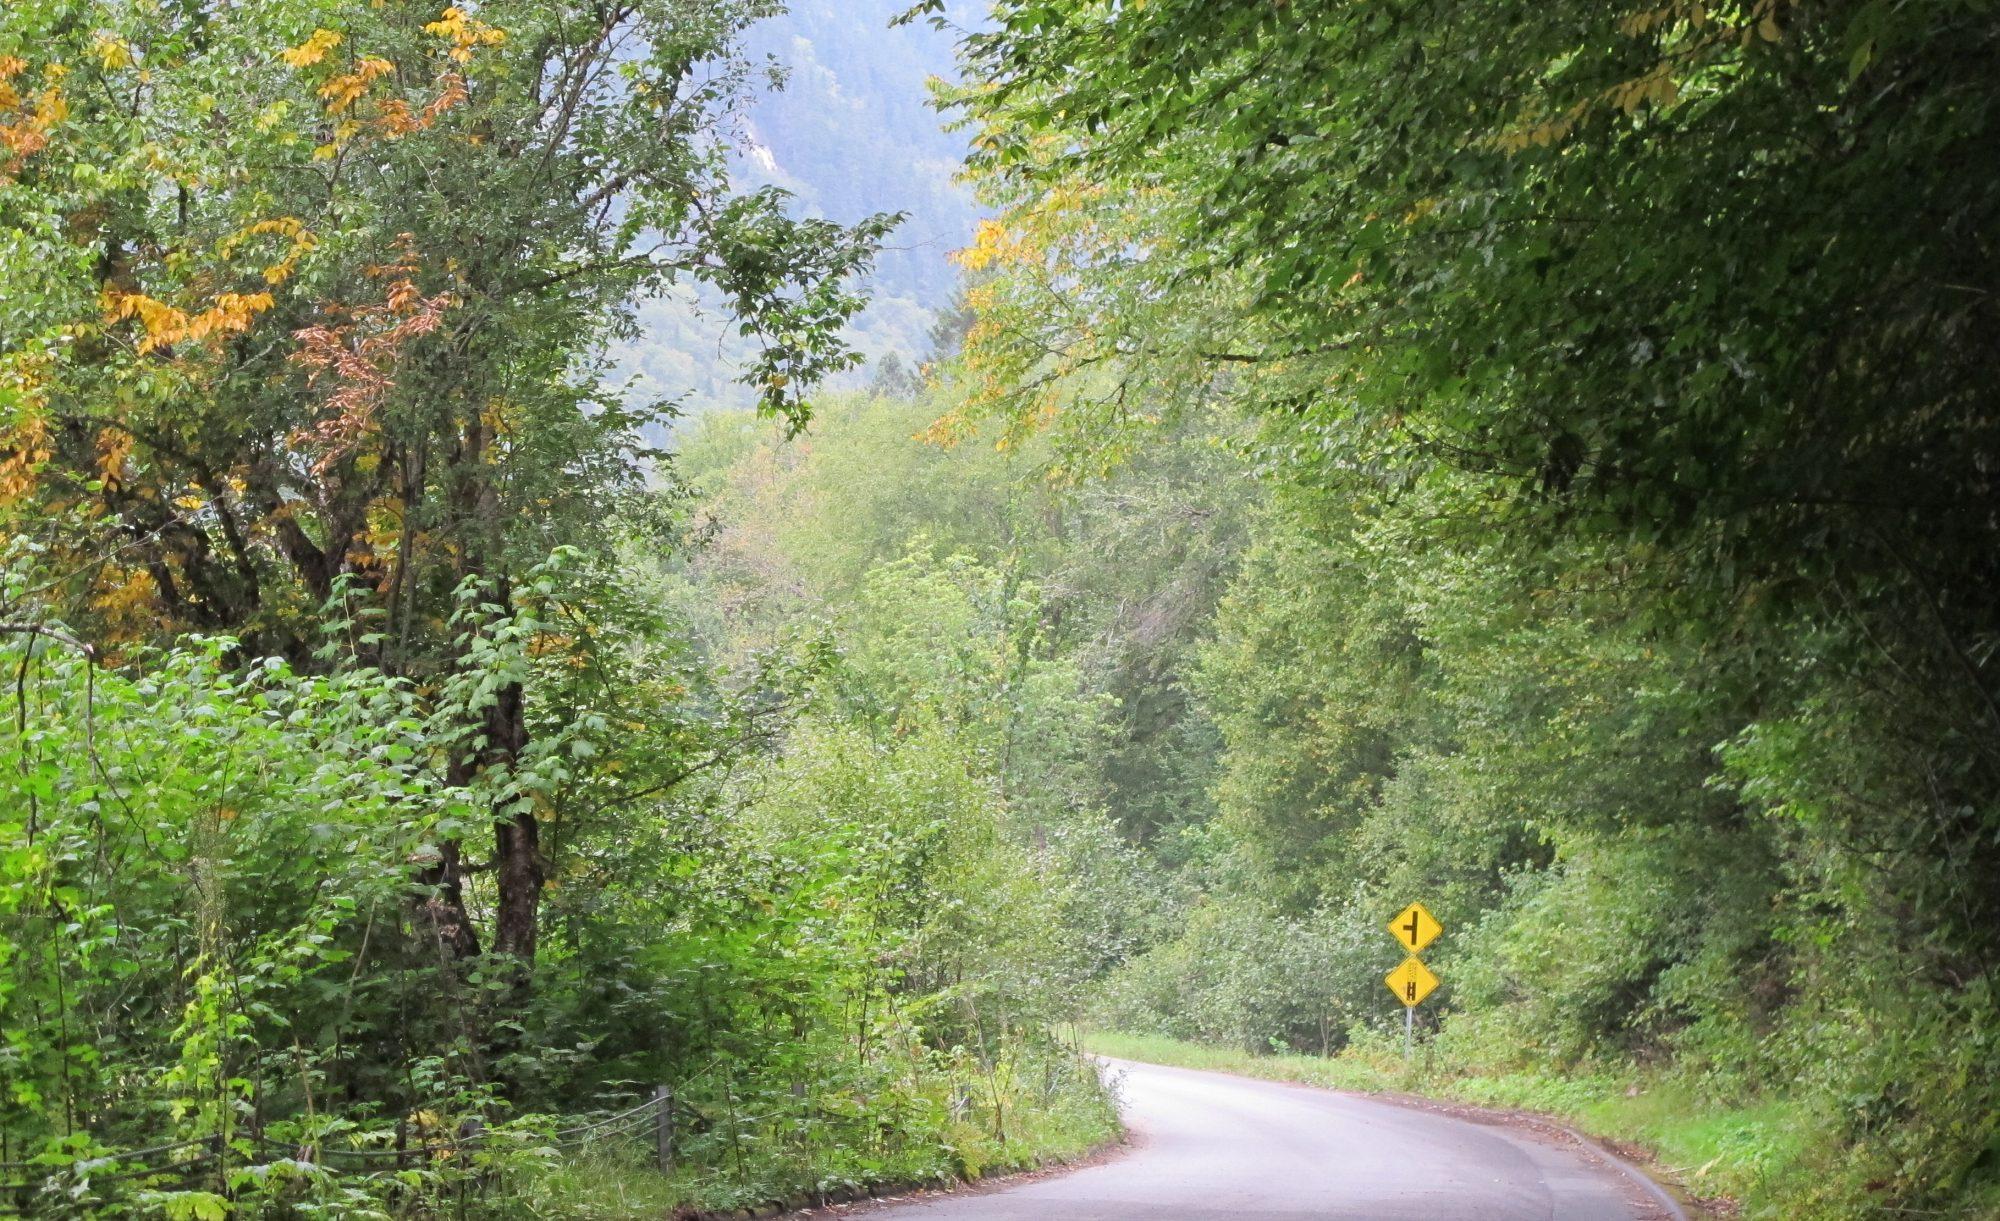 Carretera entre arboles y naturaleza en Canada